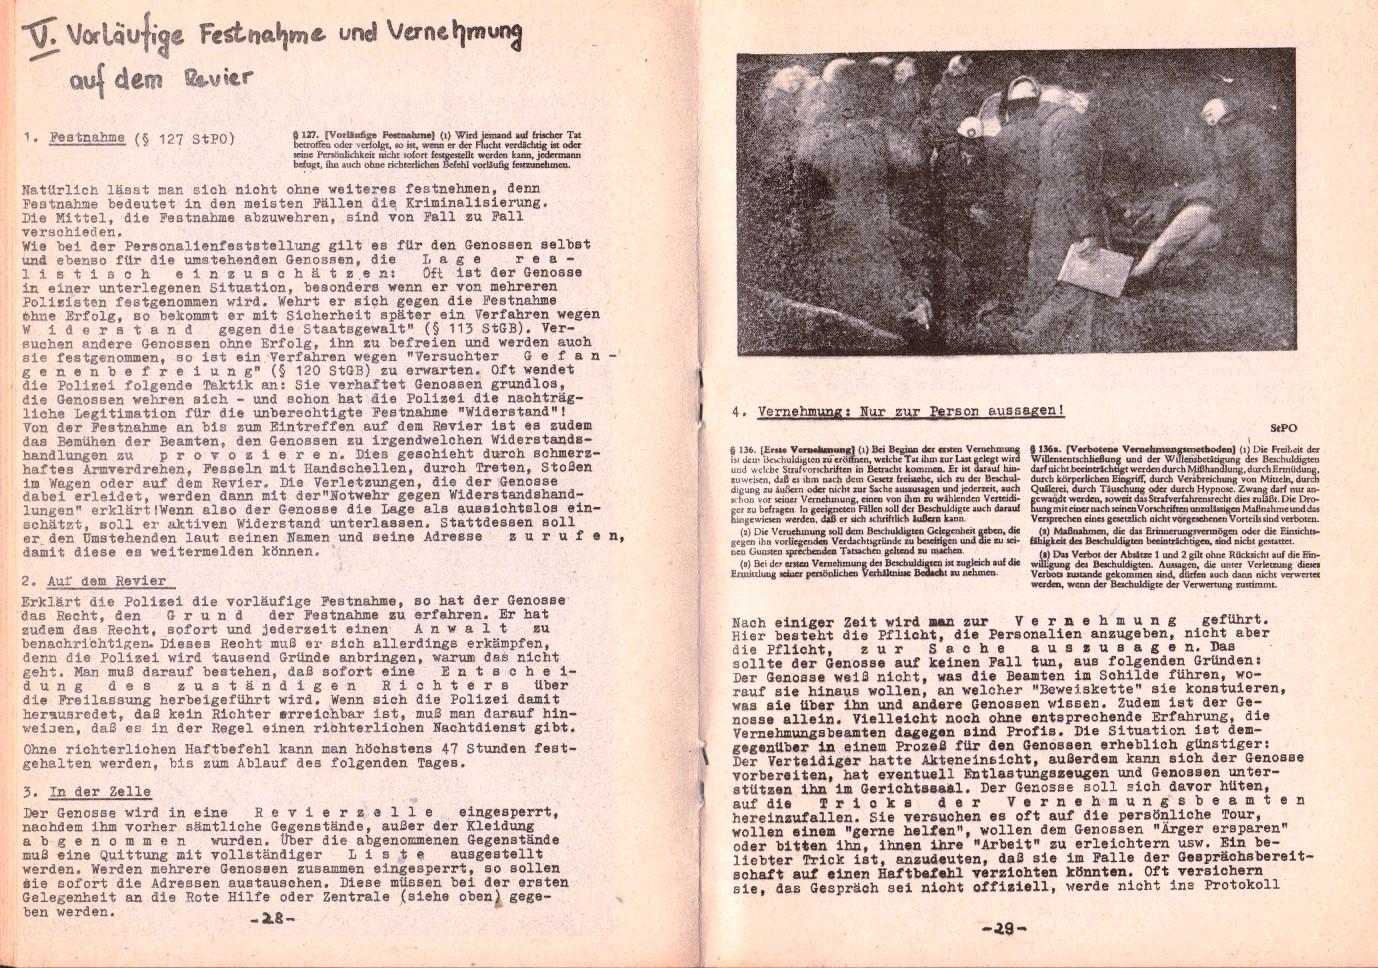 RHeV_1975_Wie_verteidige_ich_mich_16